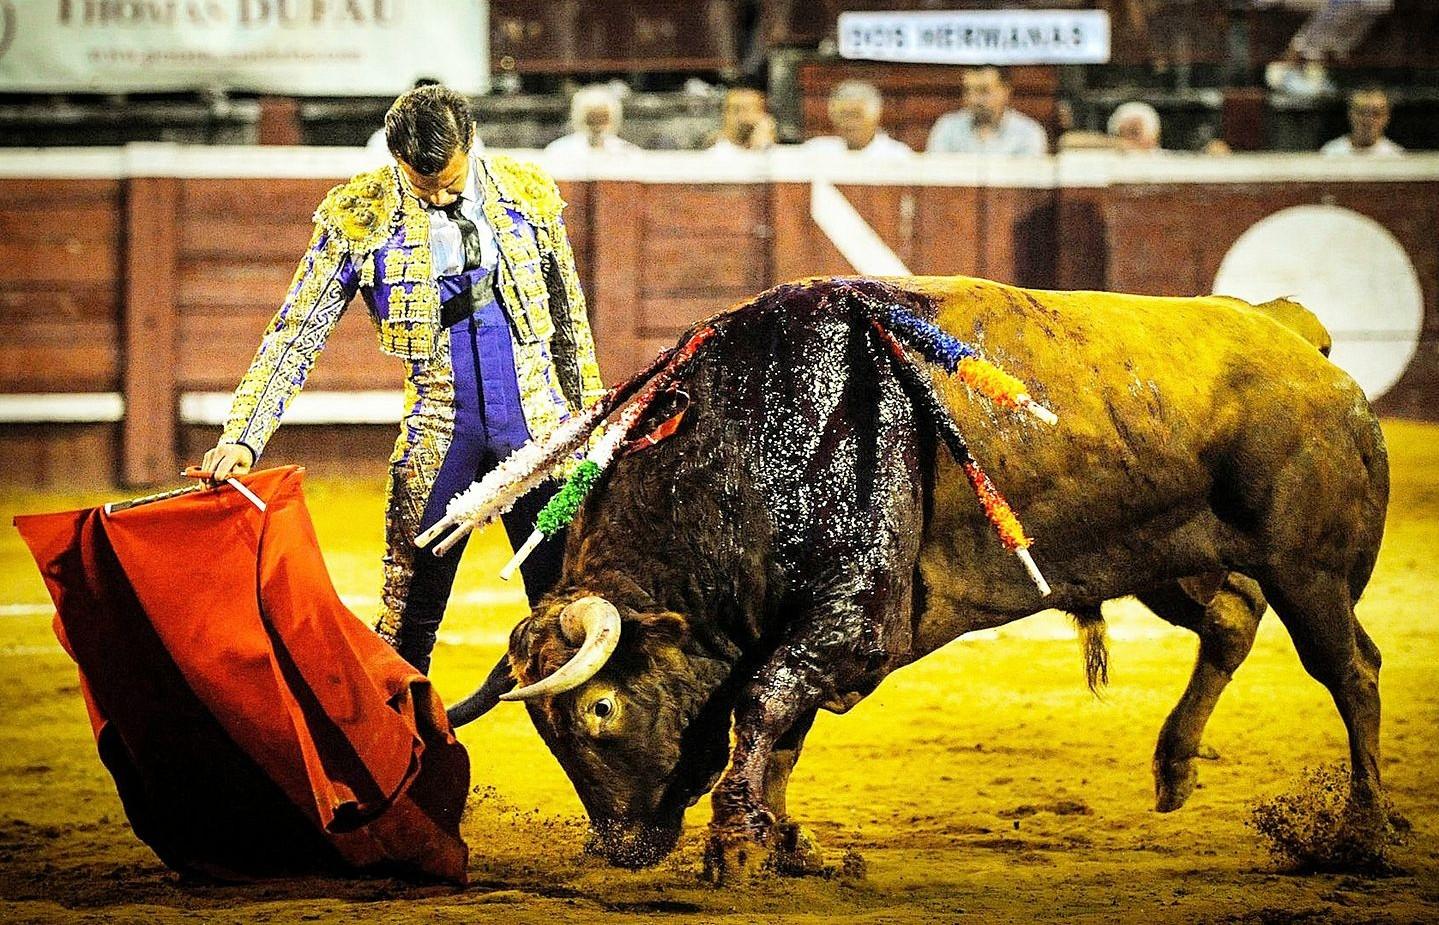 Mathieu Guillon EL Monteño met un terme à sa carrière de matador de toros